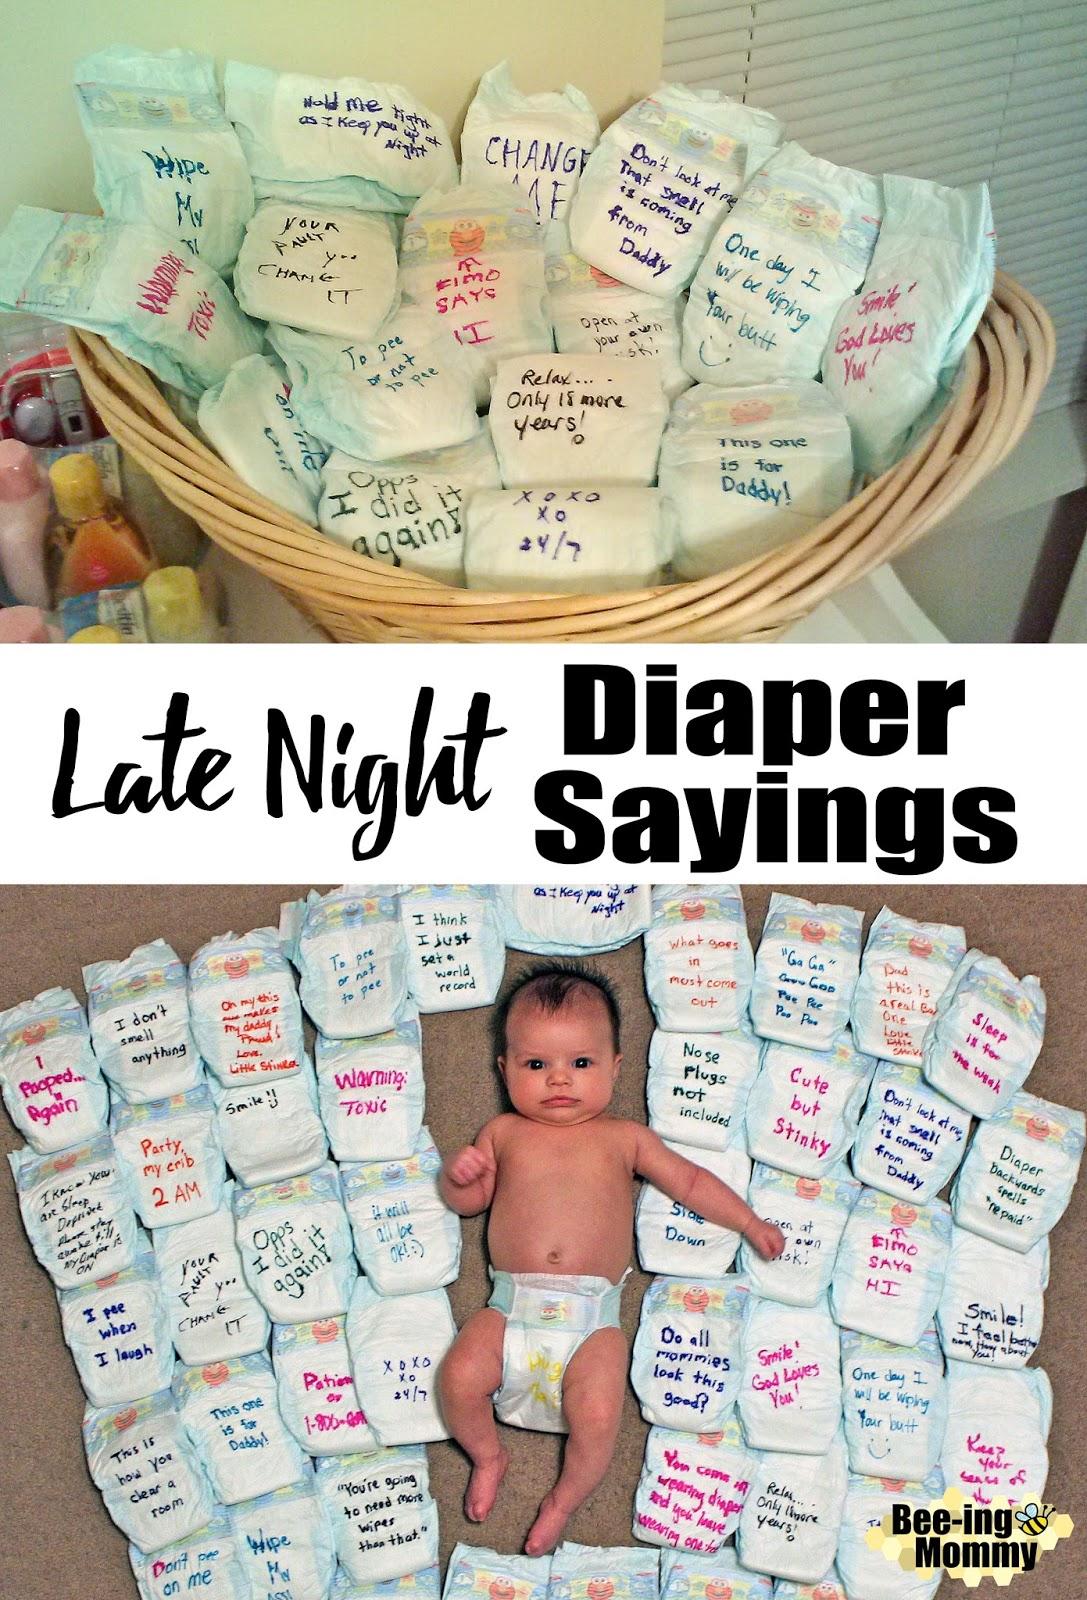 Funny Diaper Messages : funny, diaper, messages, Night, Diaper, Sayings, Shower